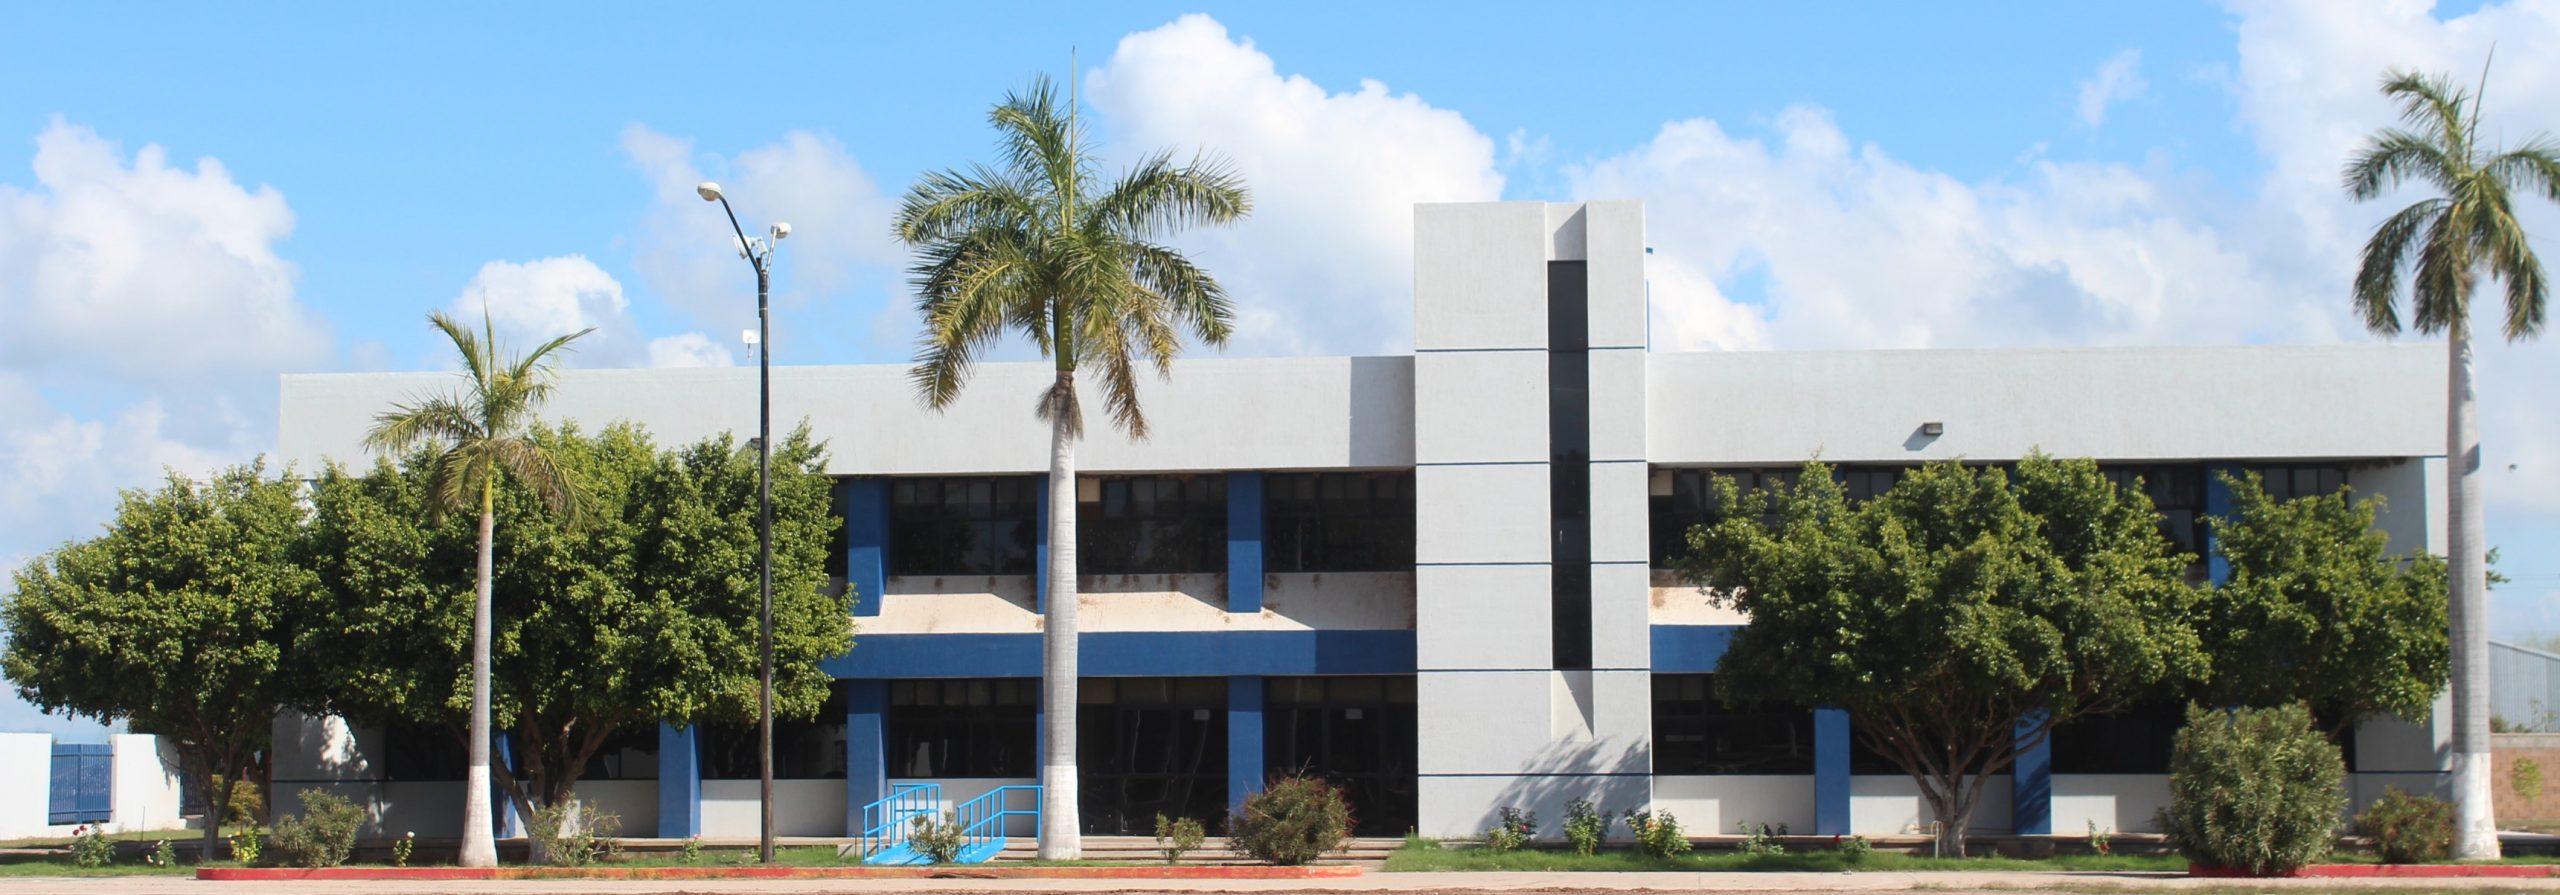 Estudiantes y Docentes del TecNM  Campus Huatabampo reciben capacitación para el manejo del equipamiento que se dio a tres Laboratorios en el Edificio Multifuncional.